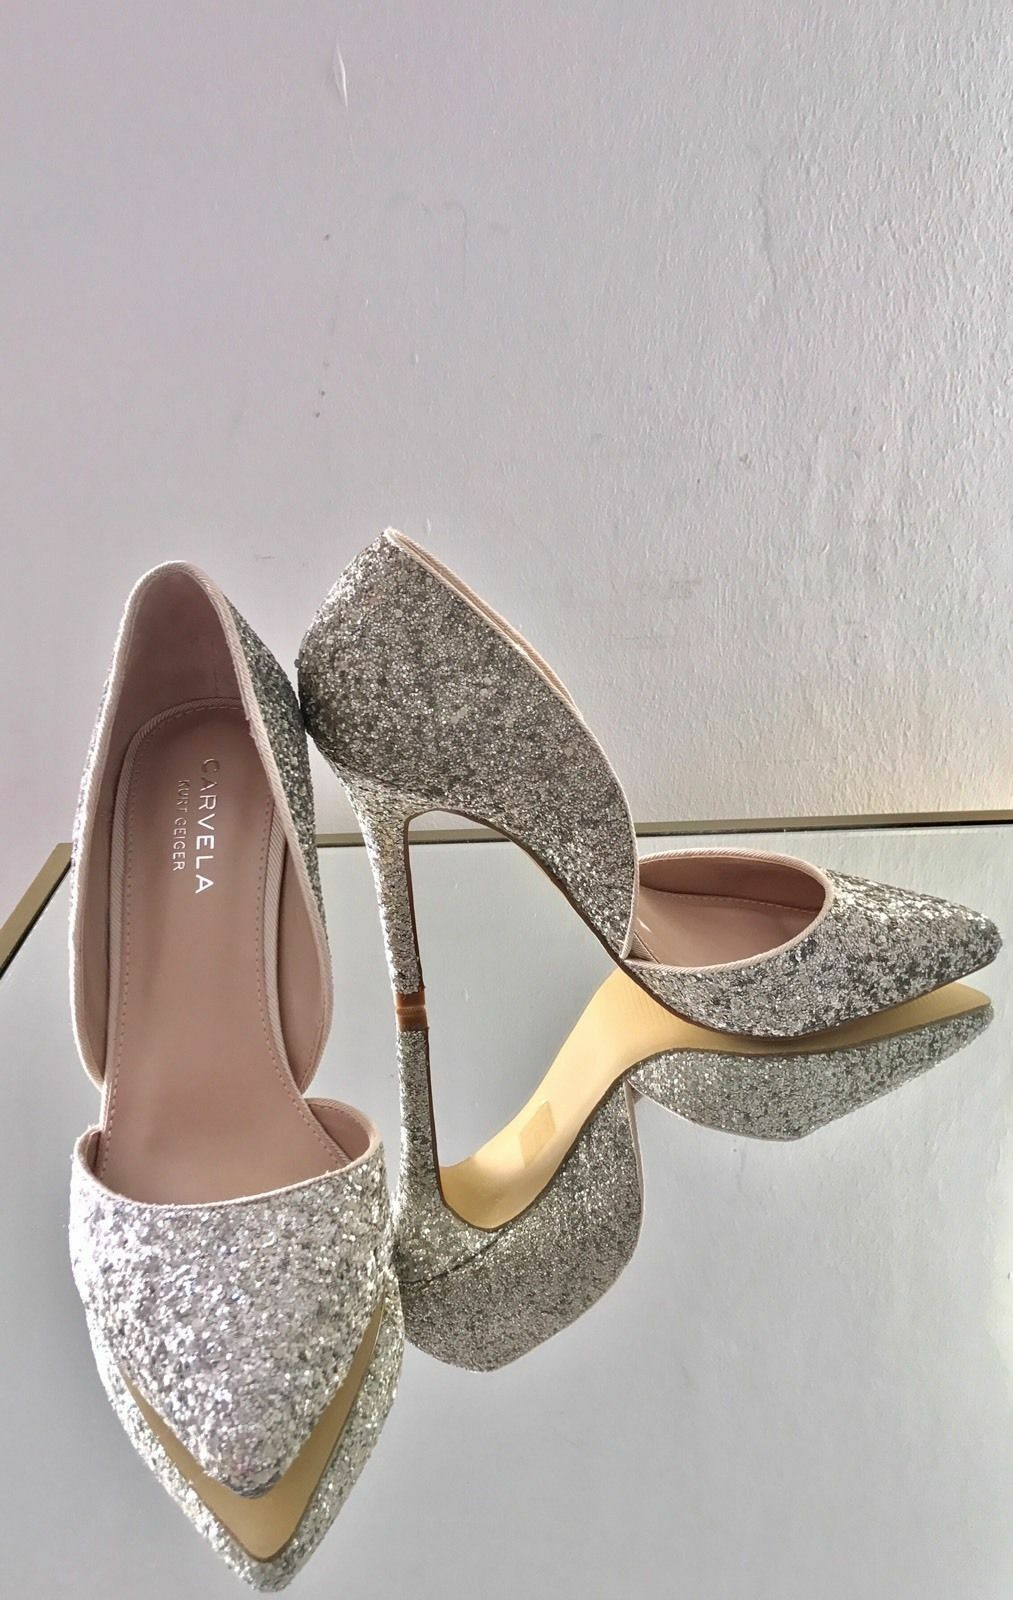 Kurt Geiger Carvela Lexi Silver High Heel Court Schuhes Größe 8 41   NEW